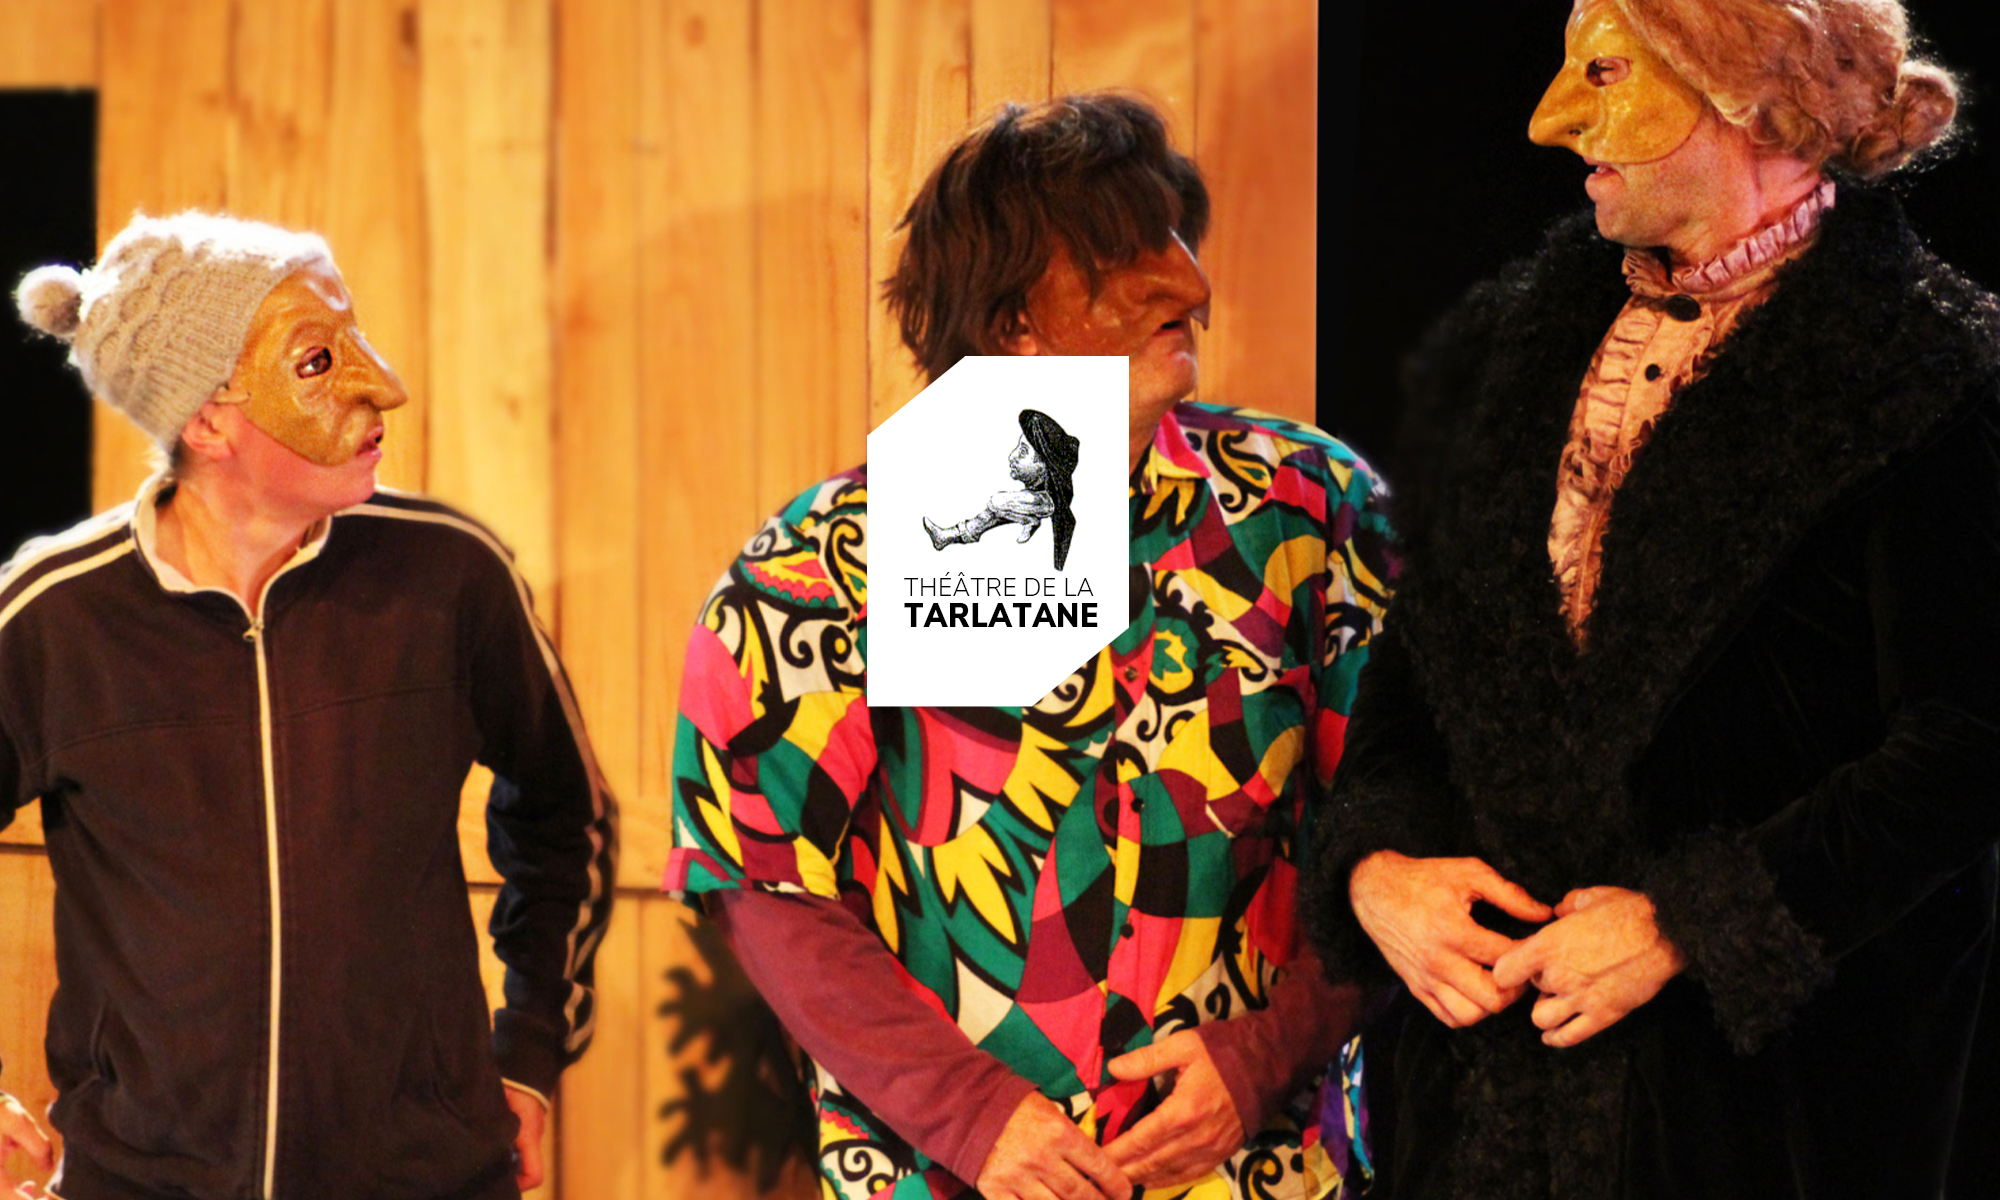 Théâtre de la Tarlatane